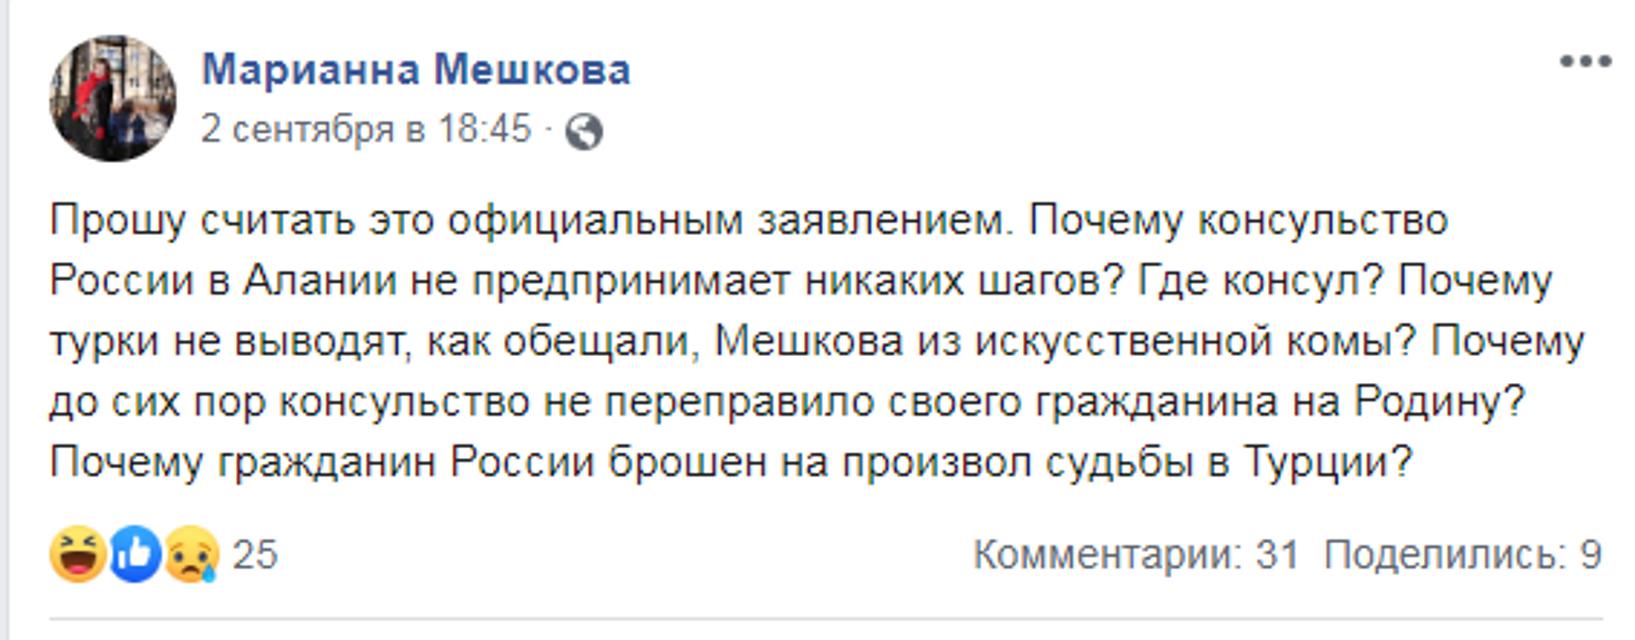 'Президента' Крыма обокрали после комы - фото 187106